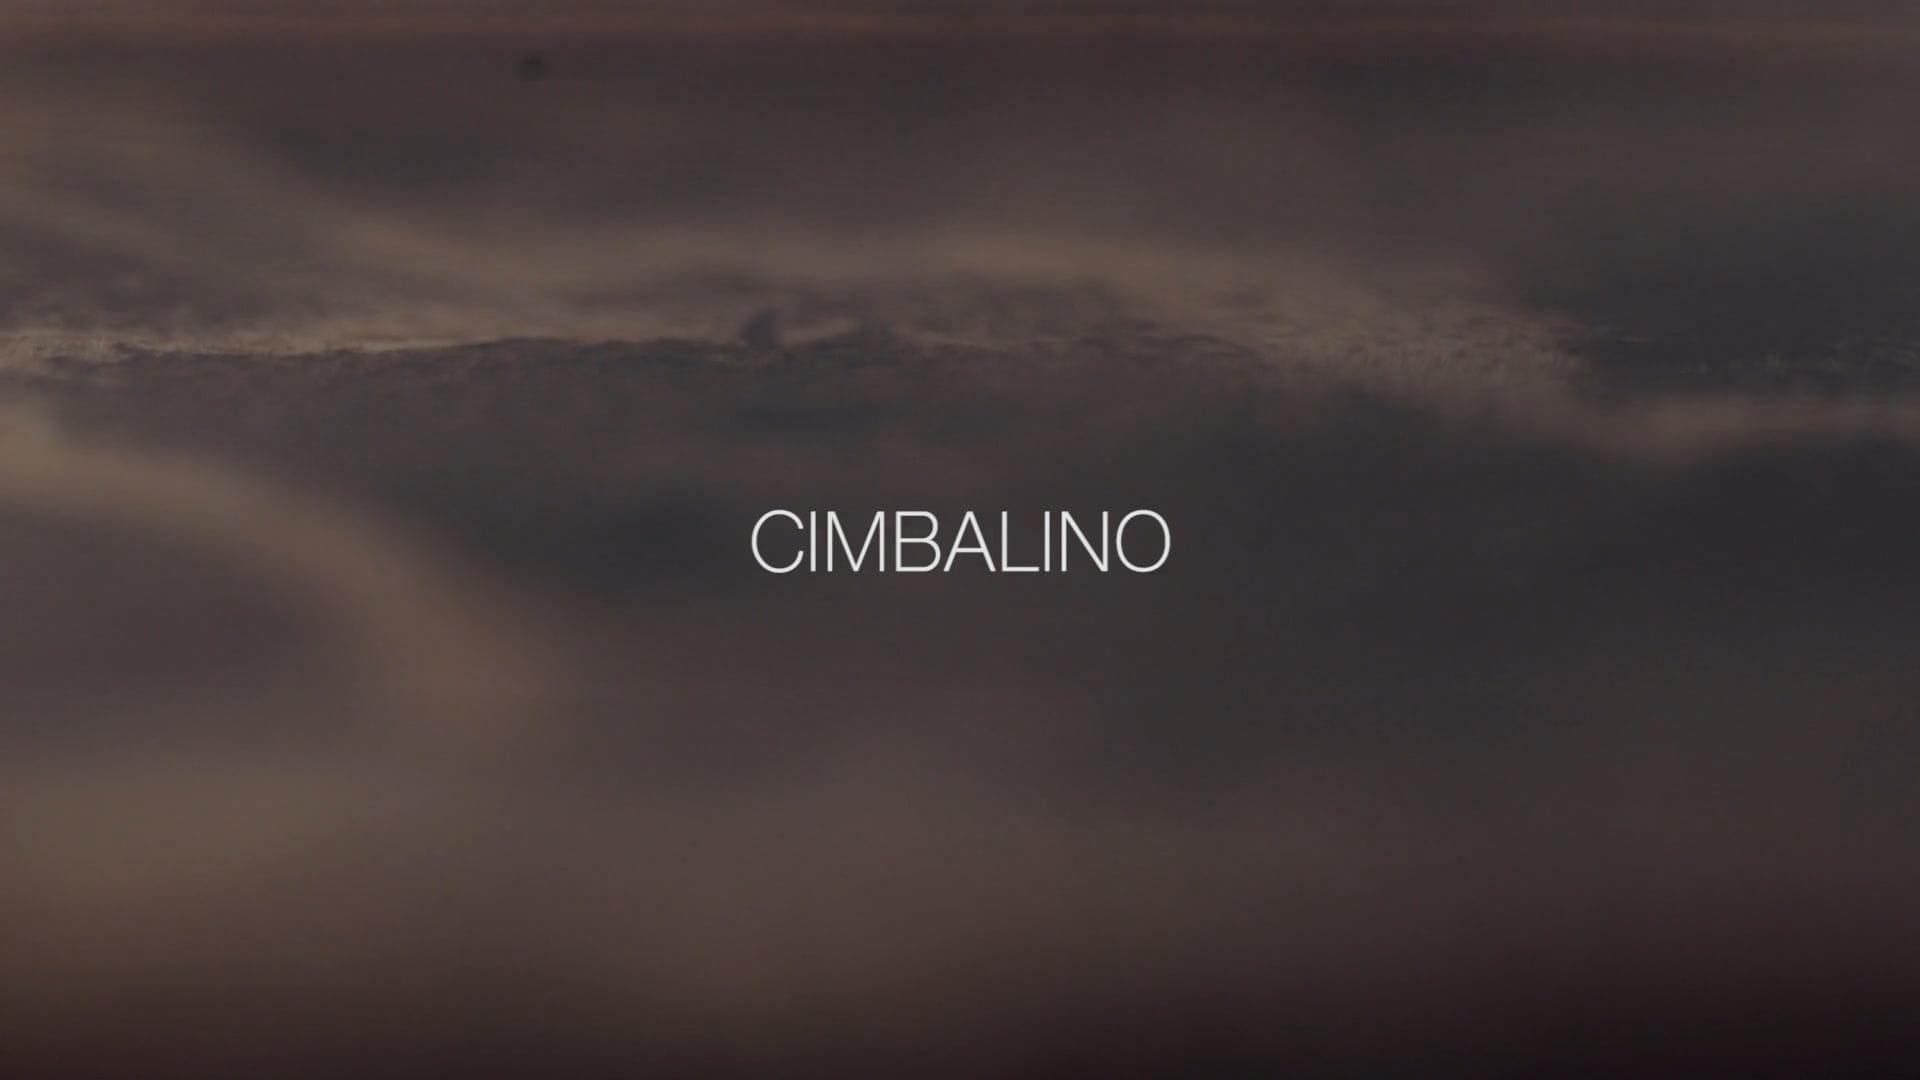 CIMBALINO / TRAILER